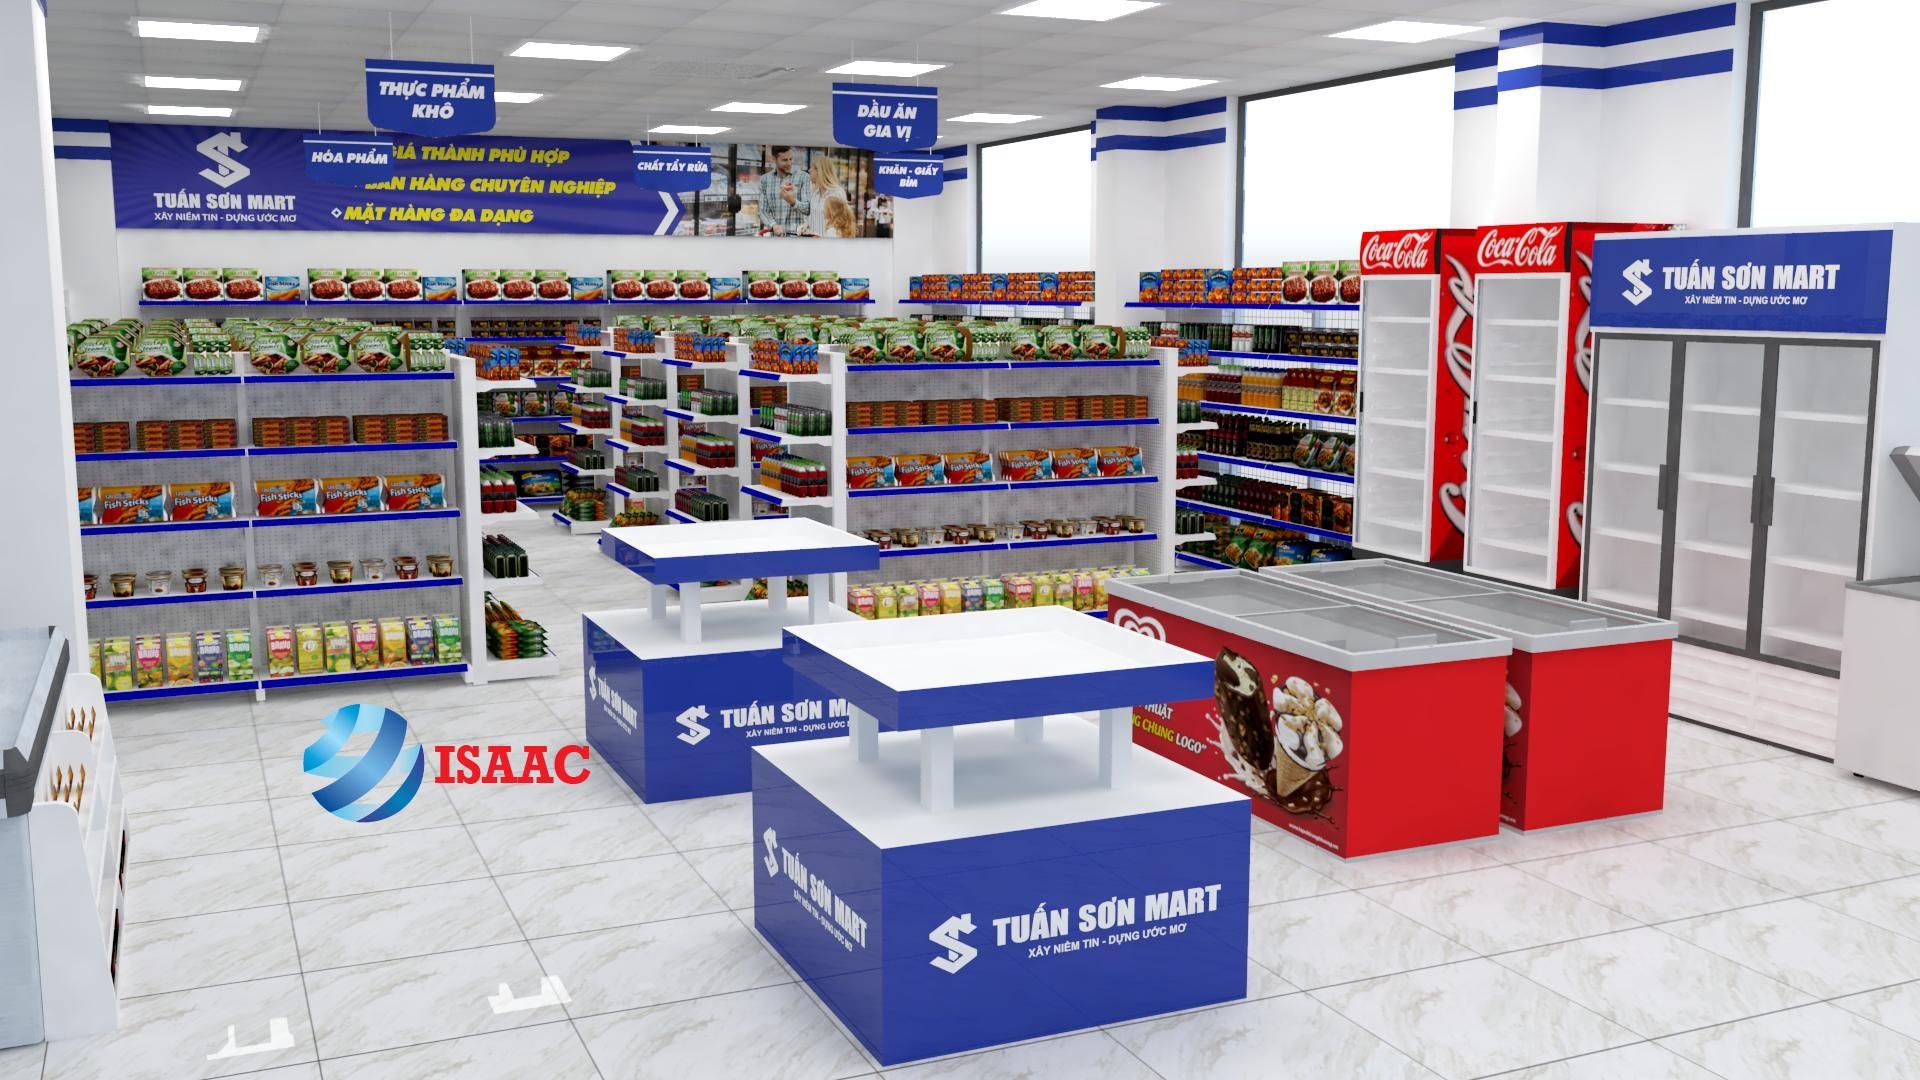 Mở siêu thị mini lấy nguồn hàng giá rẻ chất lượng ở đâu?